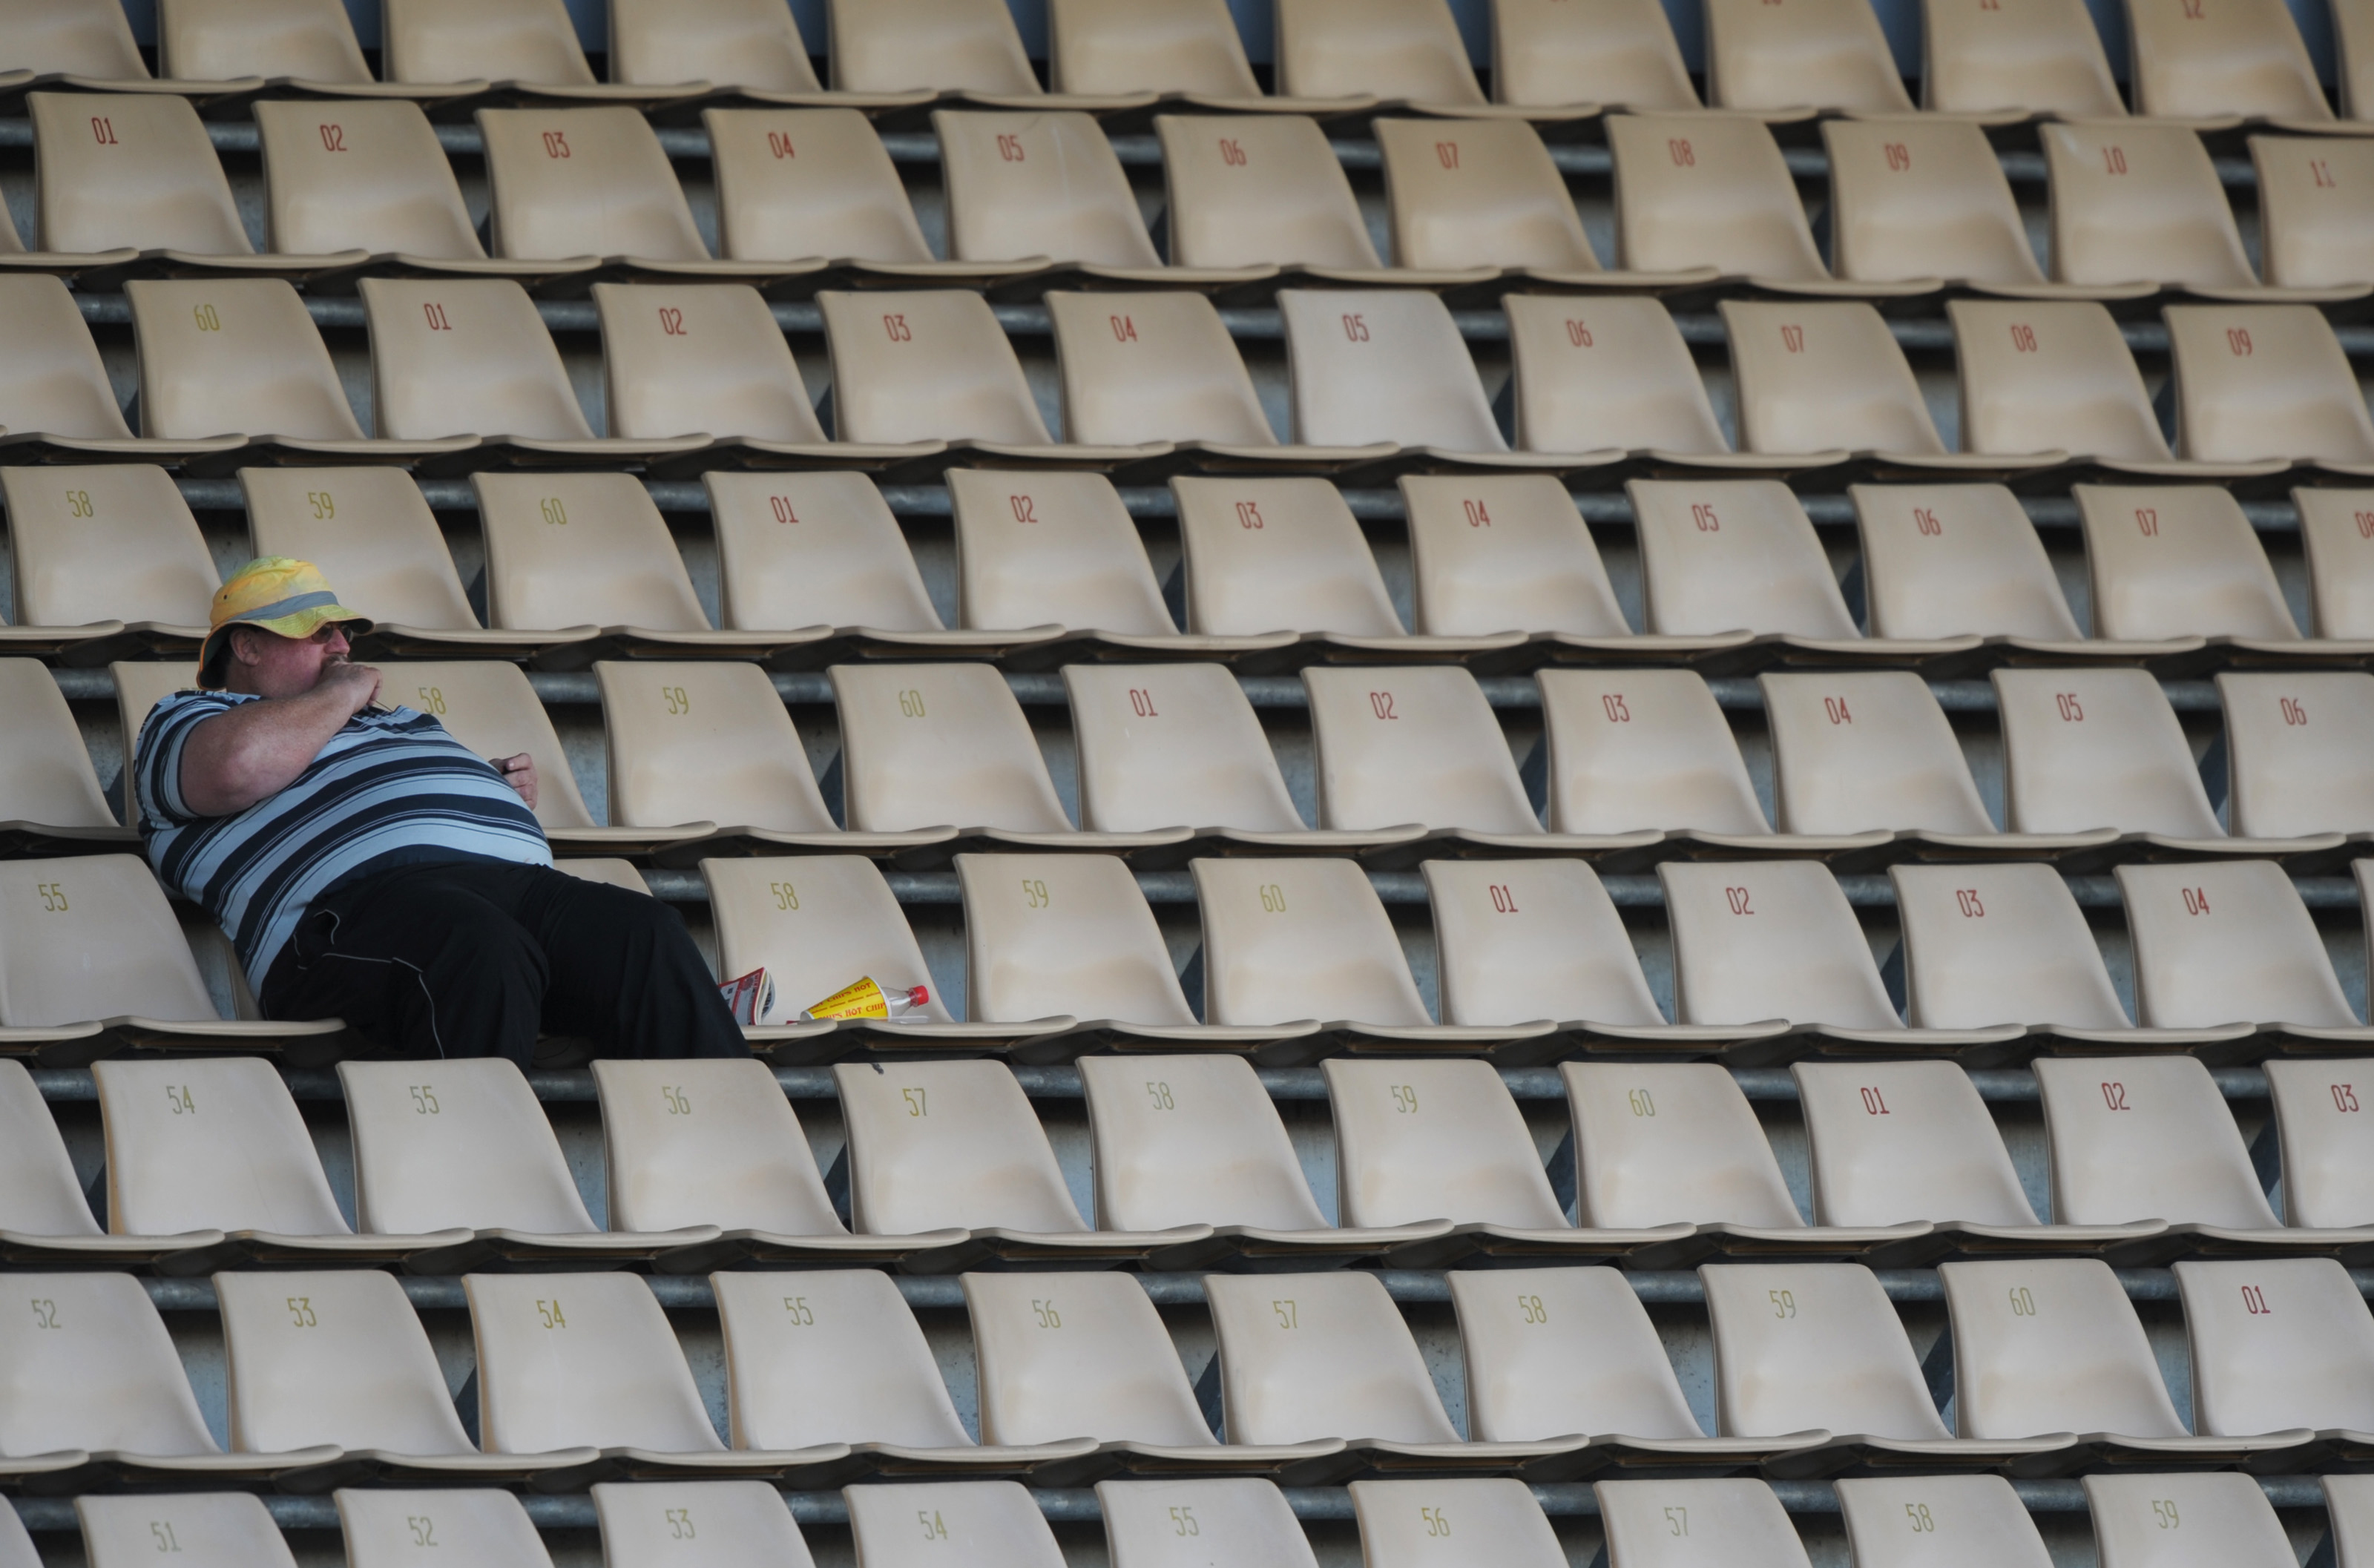 Ausztriában félházzal nyitnak ki a stadionok